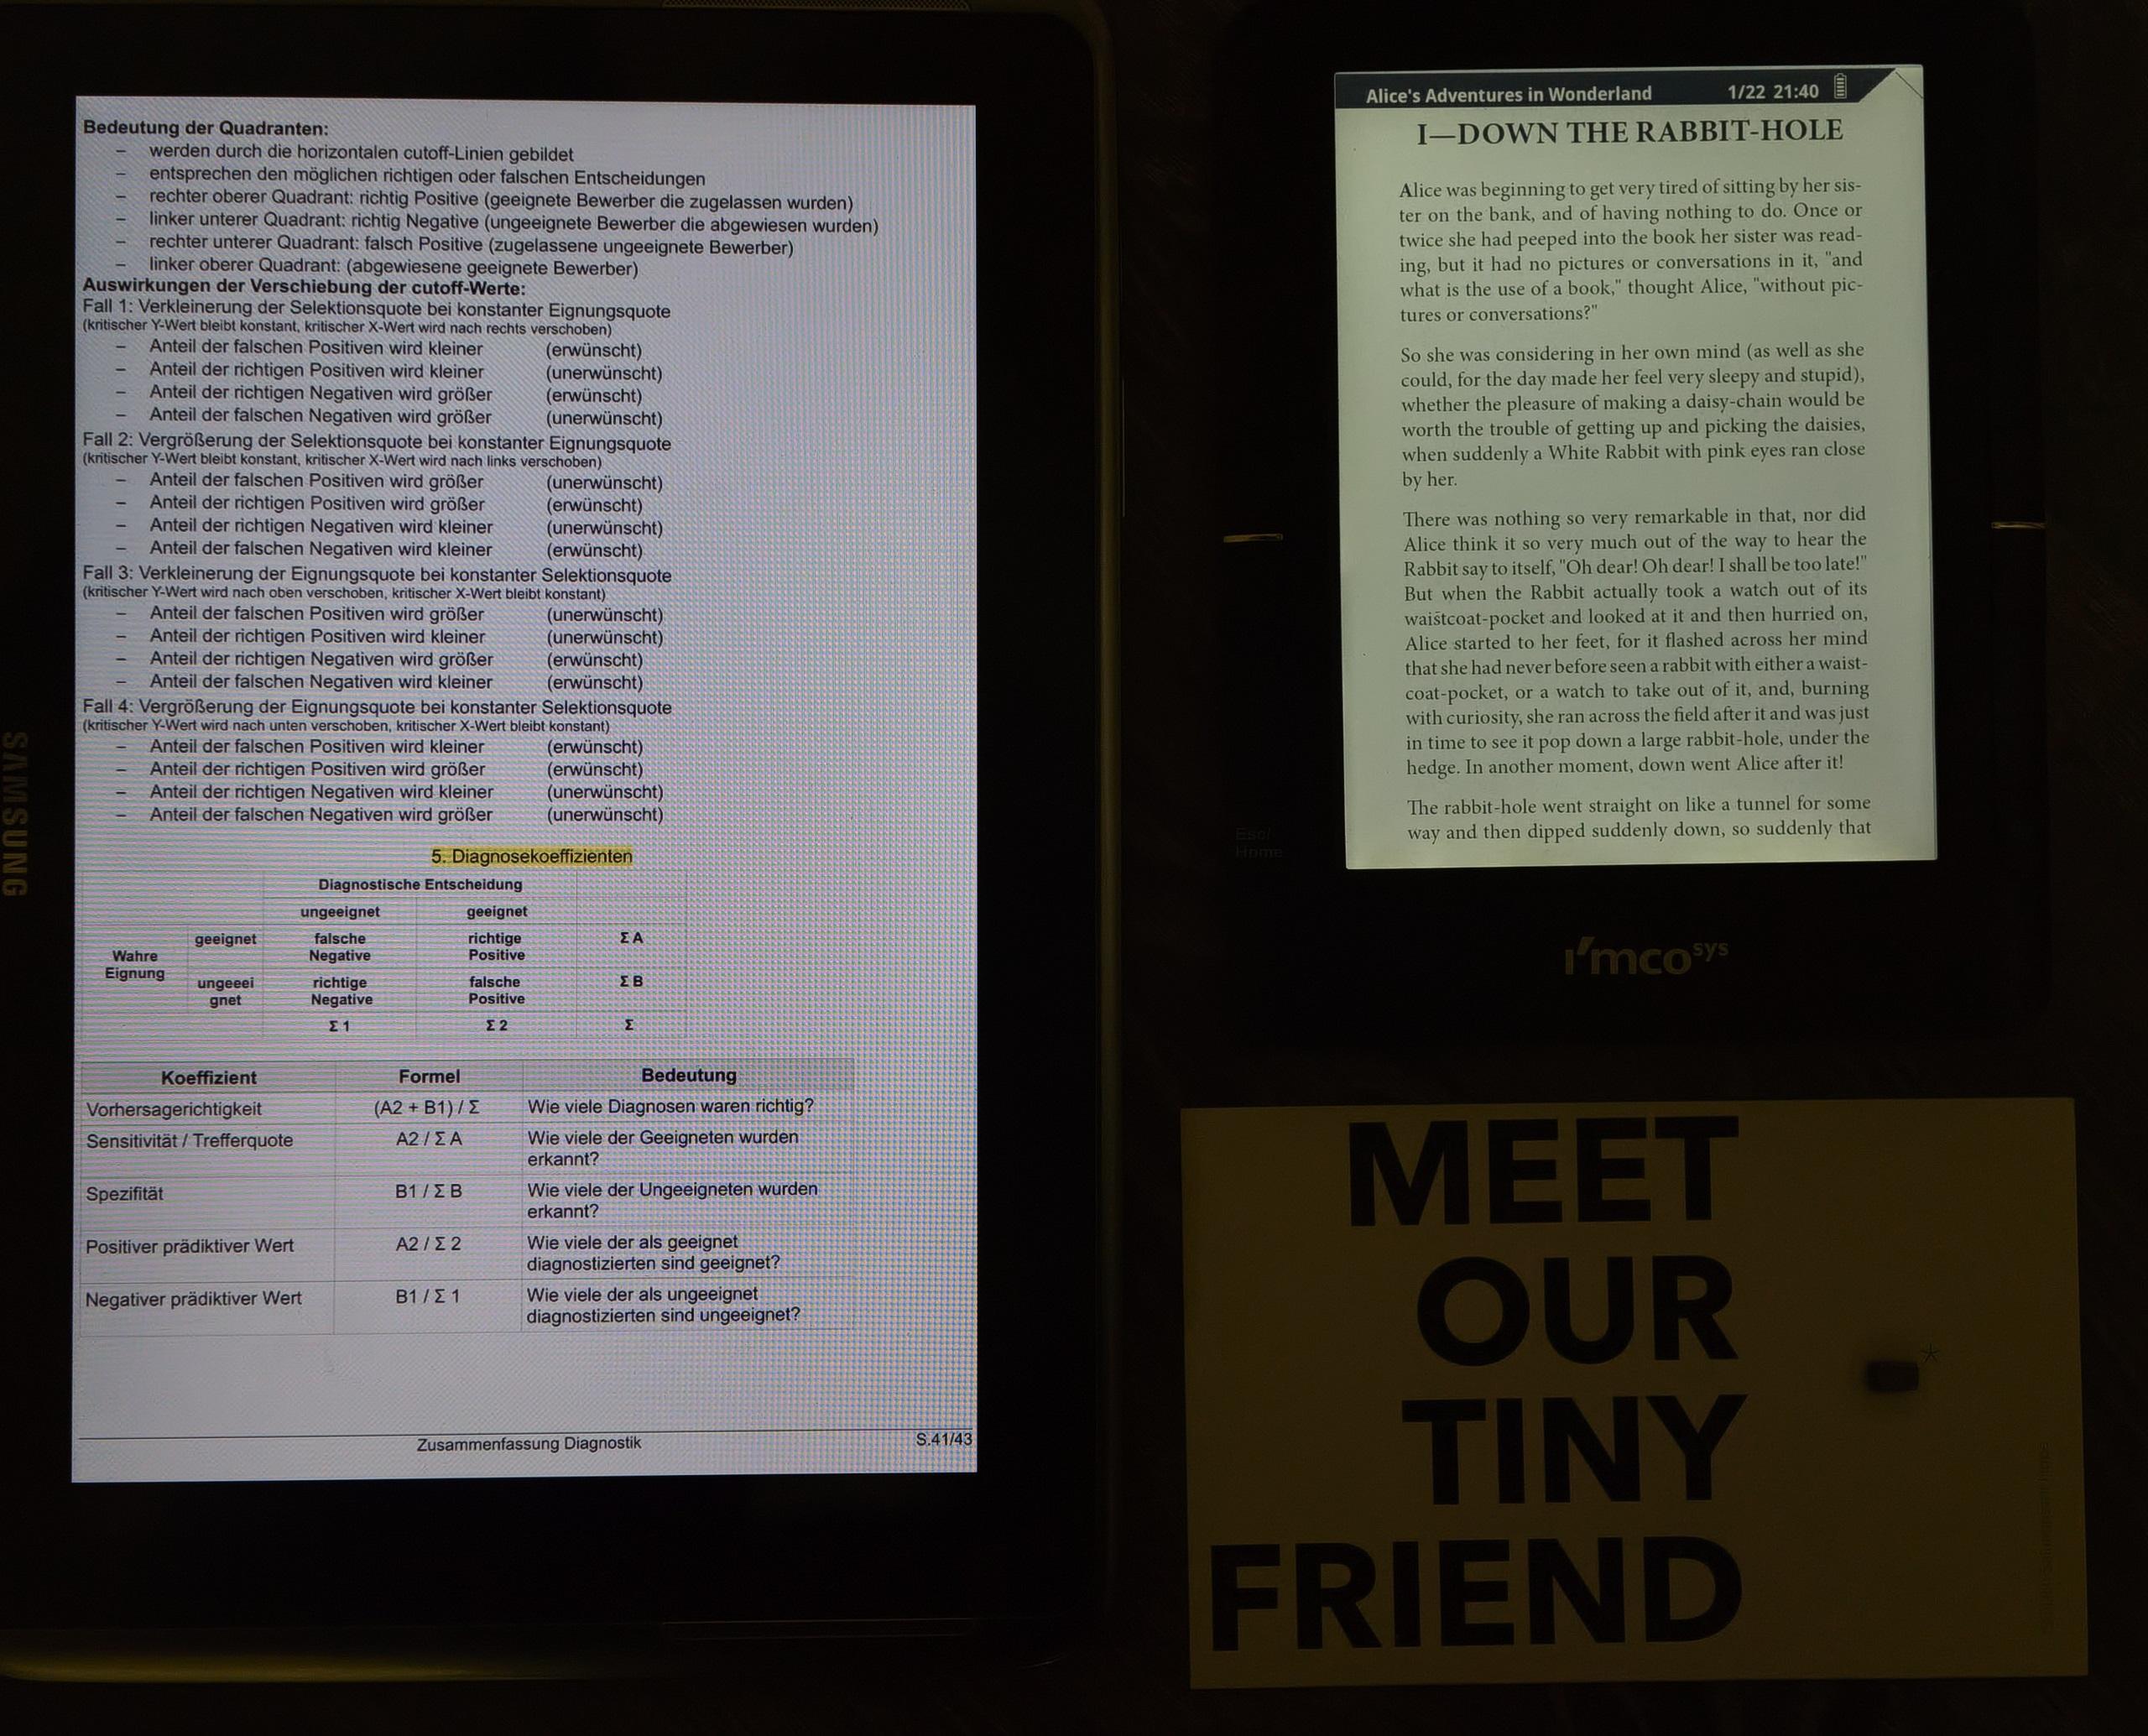 Vergleich zwischen eReader mit minimaler Beleuchtung, einem Samsung Galaxy Note 10.1 Tablet und echtem Papier bei wenig Licht